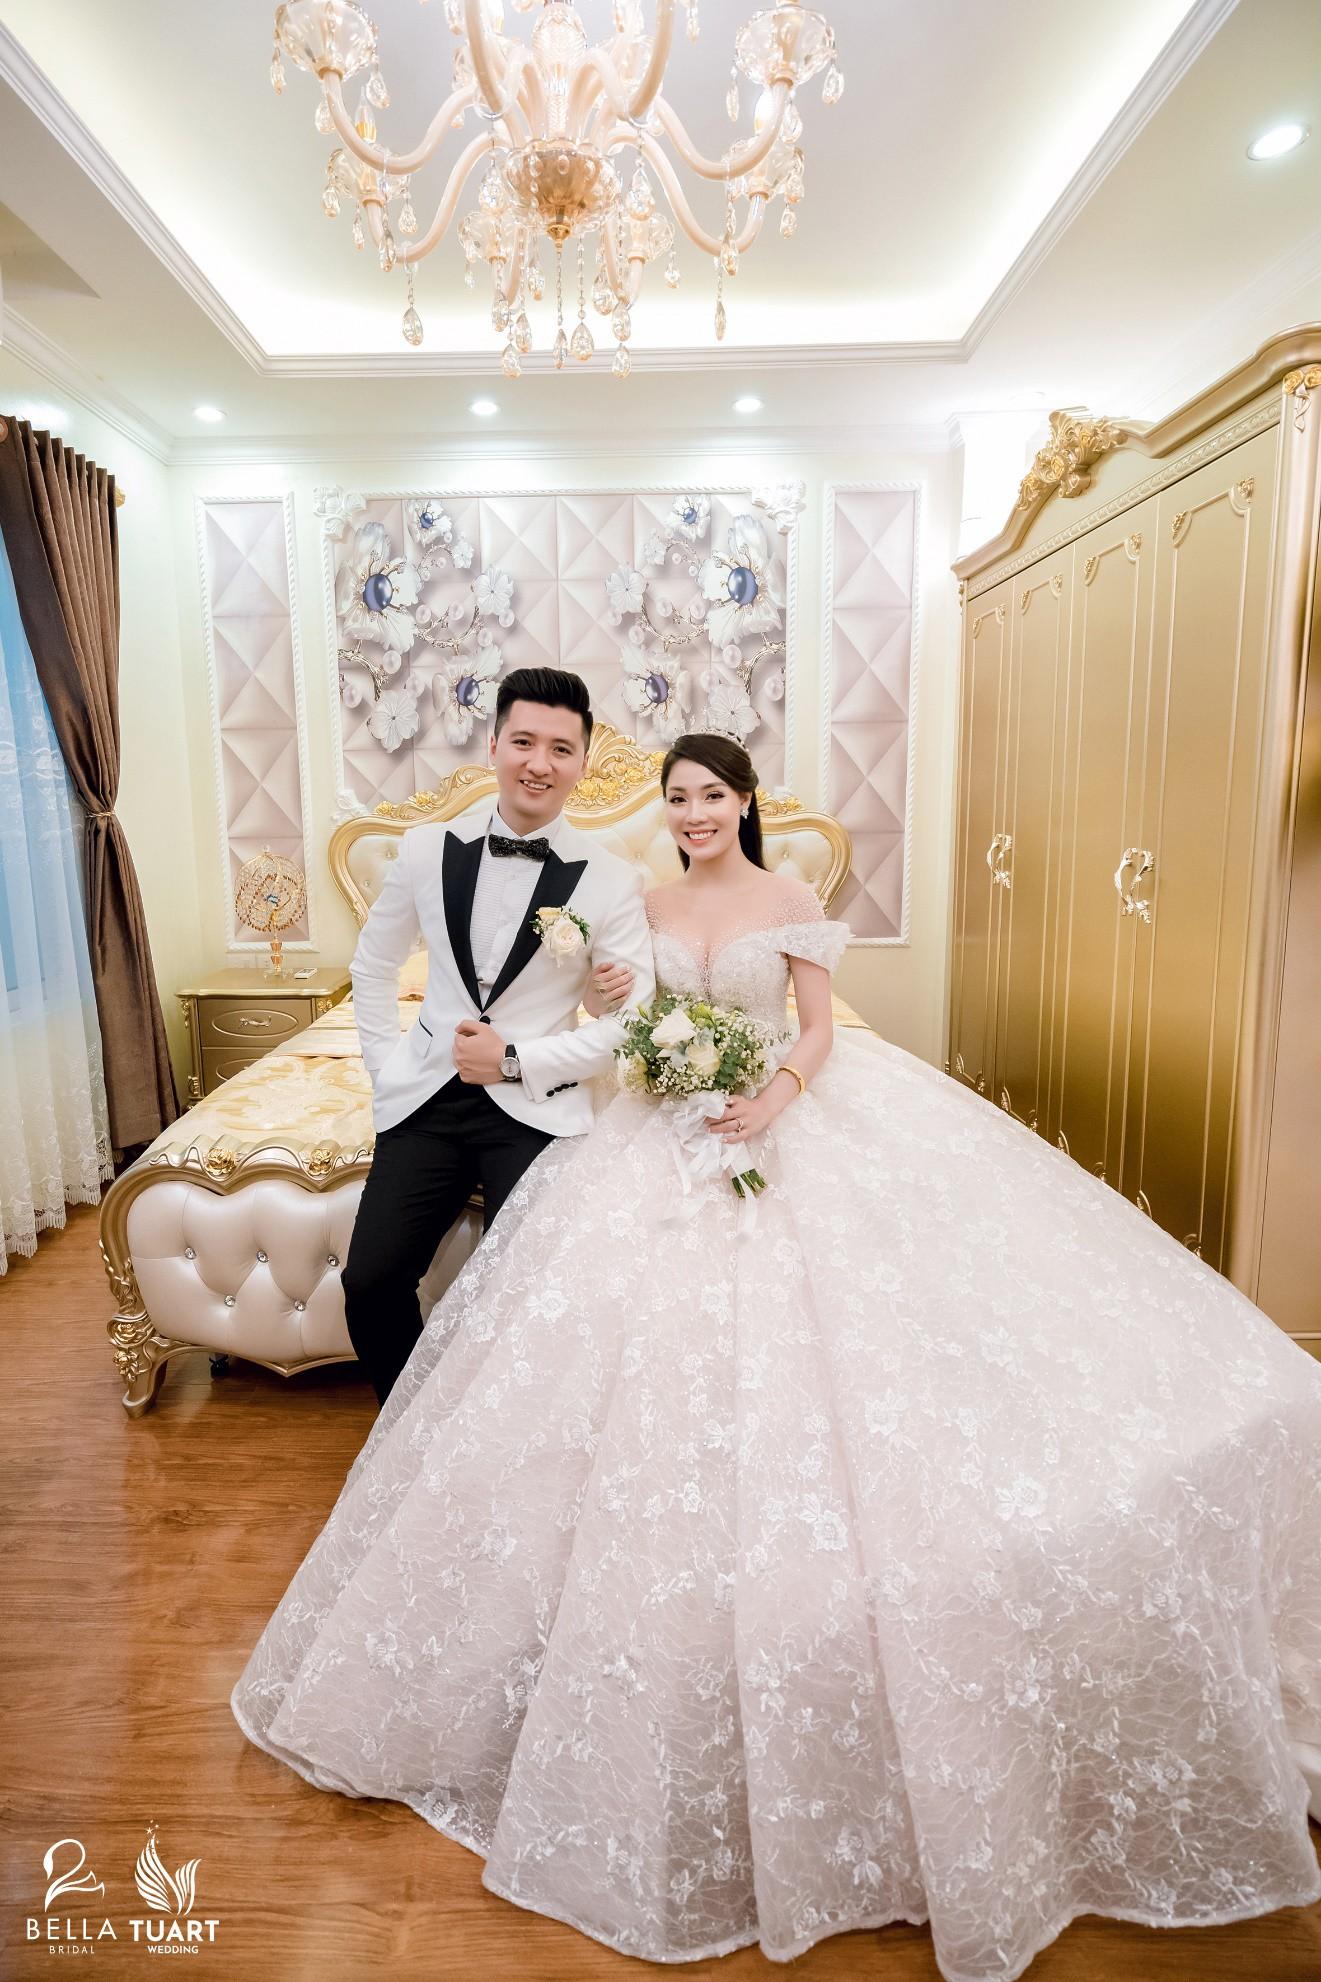 Chiêm ngưỡng bộ ba váy cưới đính kim cương trong đám cưới của nữ giảng viên Âu Hà My - Ảnh 3.